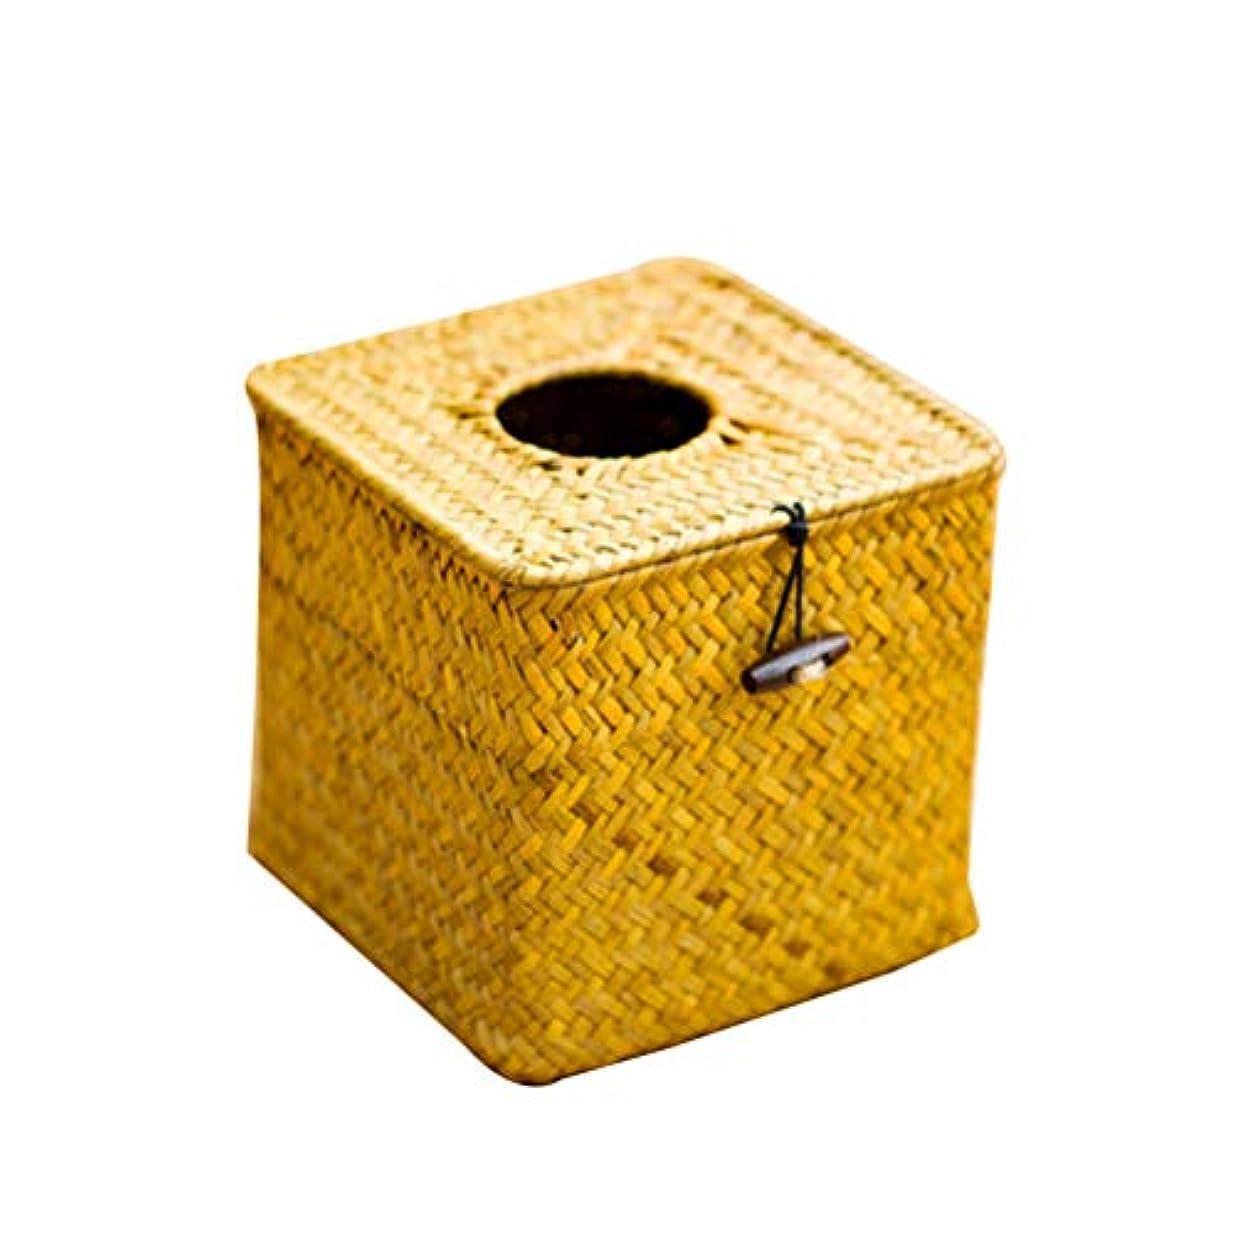 五請求書風刺Vosarea ホテルバスルームデスク用ペーパーティッシュナプキン手織りシーグラスボックスホルダーカバー(ブラック+最小販売5pcs)イエロー